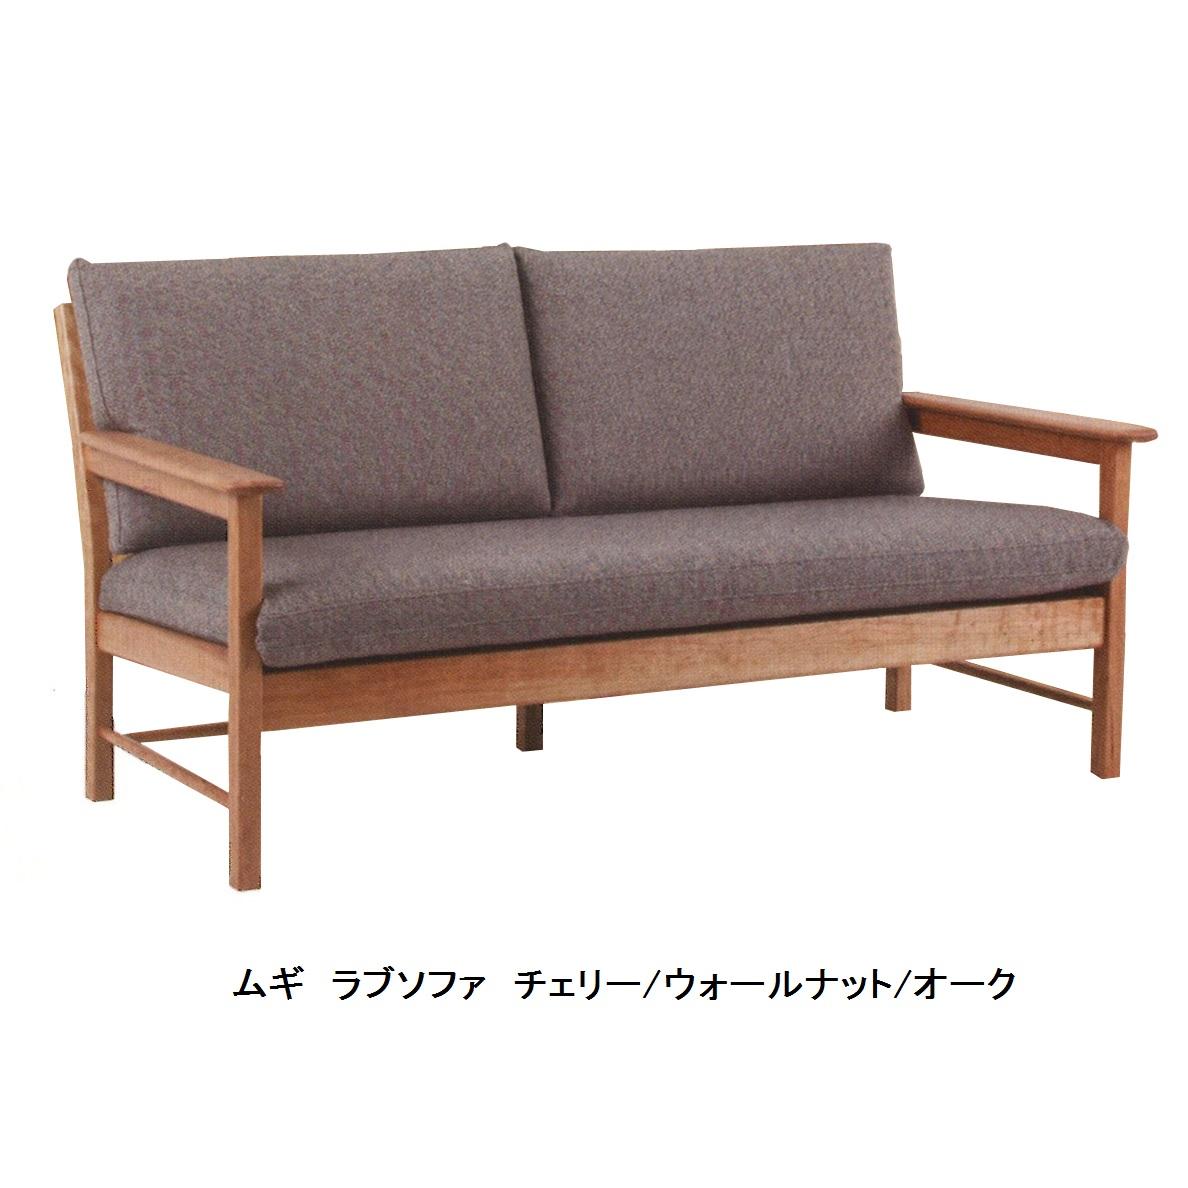 飛騨高山 木馬舎の家具ムギ ラブソファ 素材:3色対応(チェリー・ウォールナット・オーク)布地40色・革4色から選べます。オイル塗装受注生産になっております。開梱設置送料無料(沖縄・北海道・離島は除く)